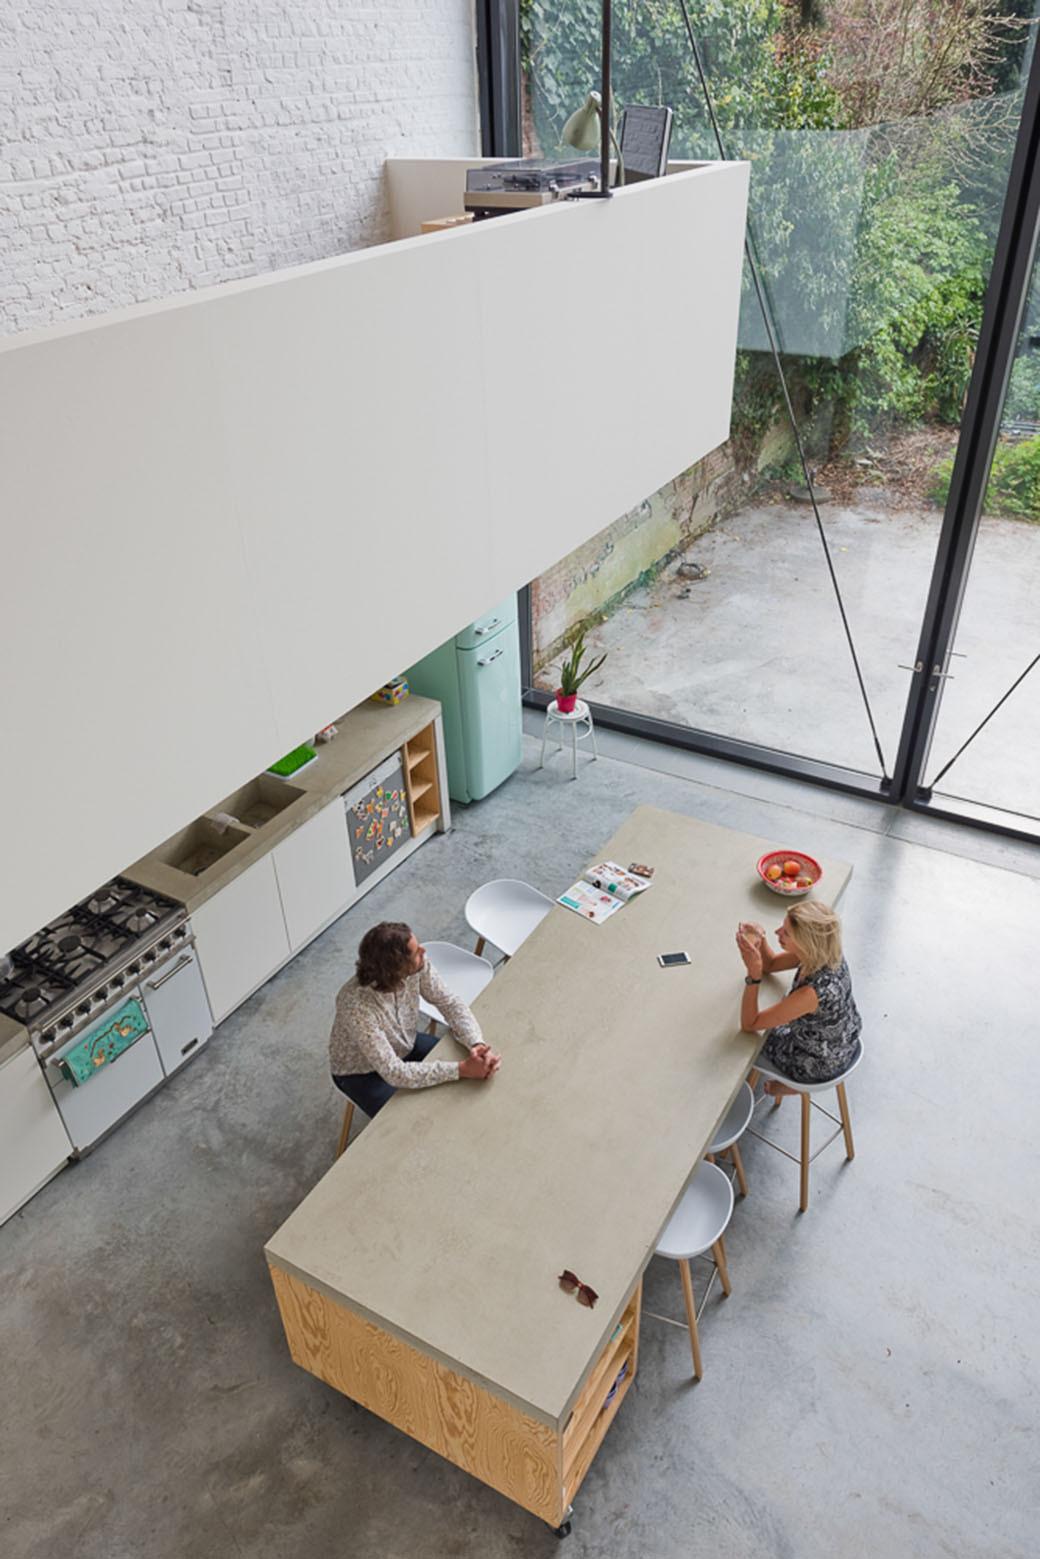 04-antwerpen-belgica-casas-dos-sonhos-inspiracao-um-cafe-pra-dois